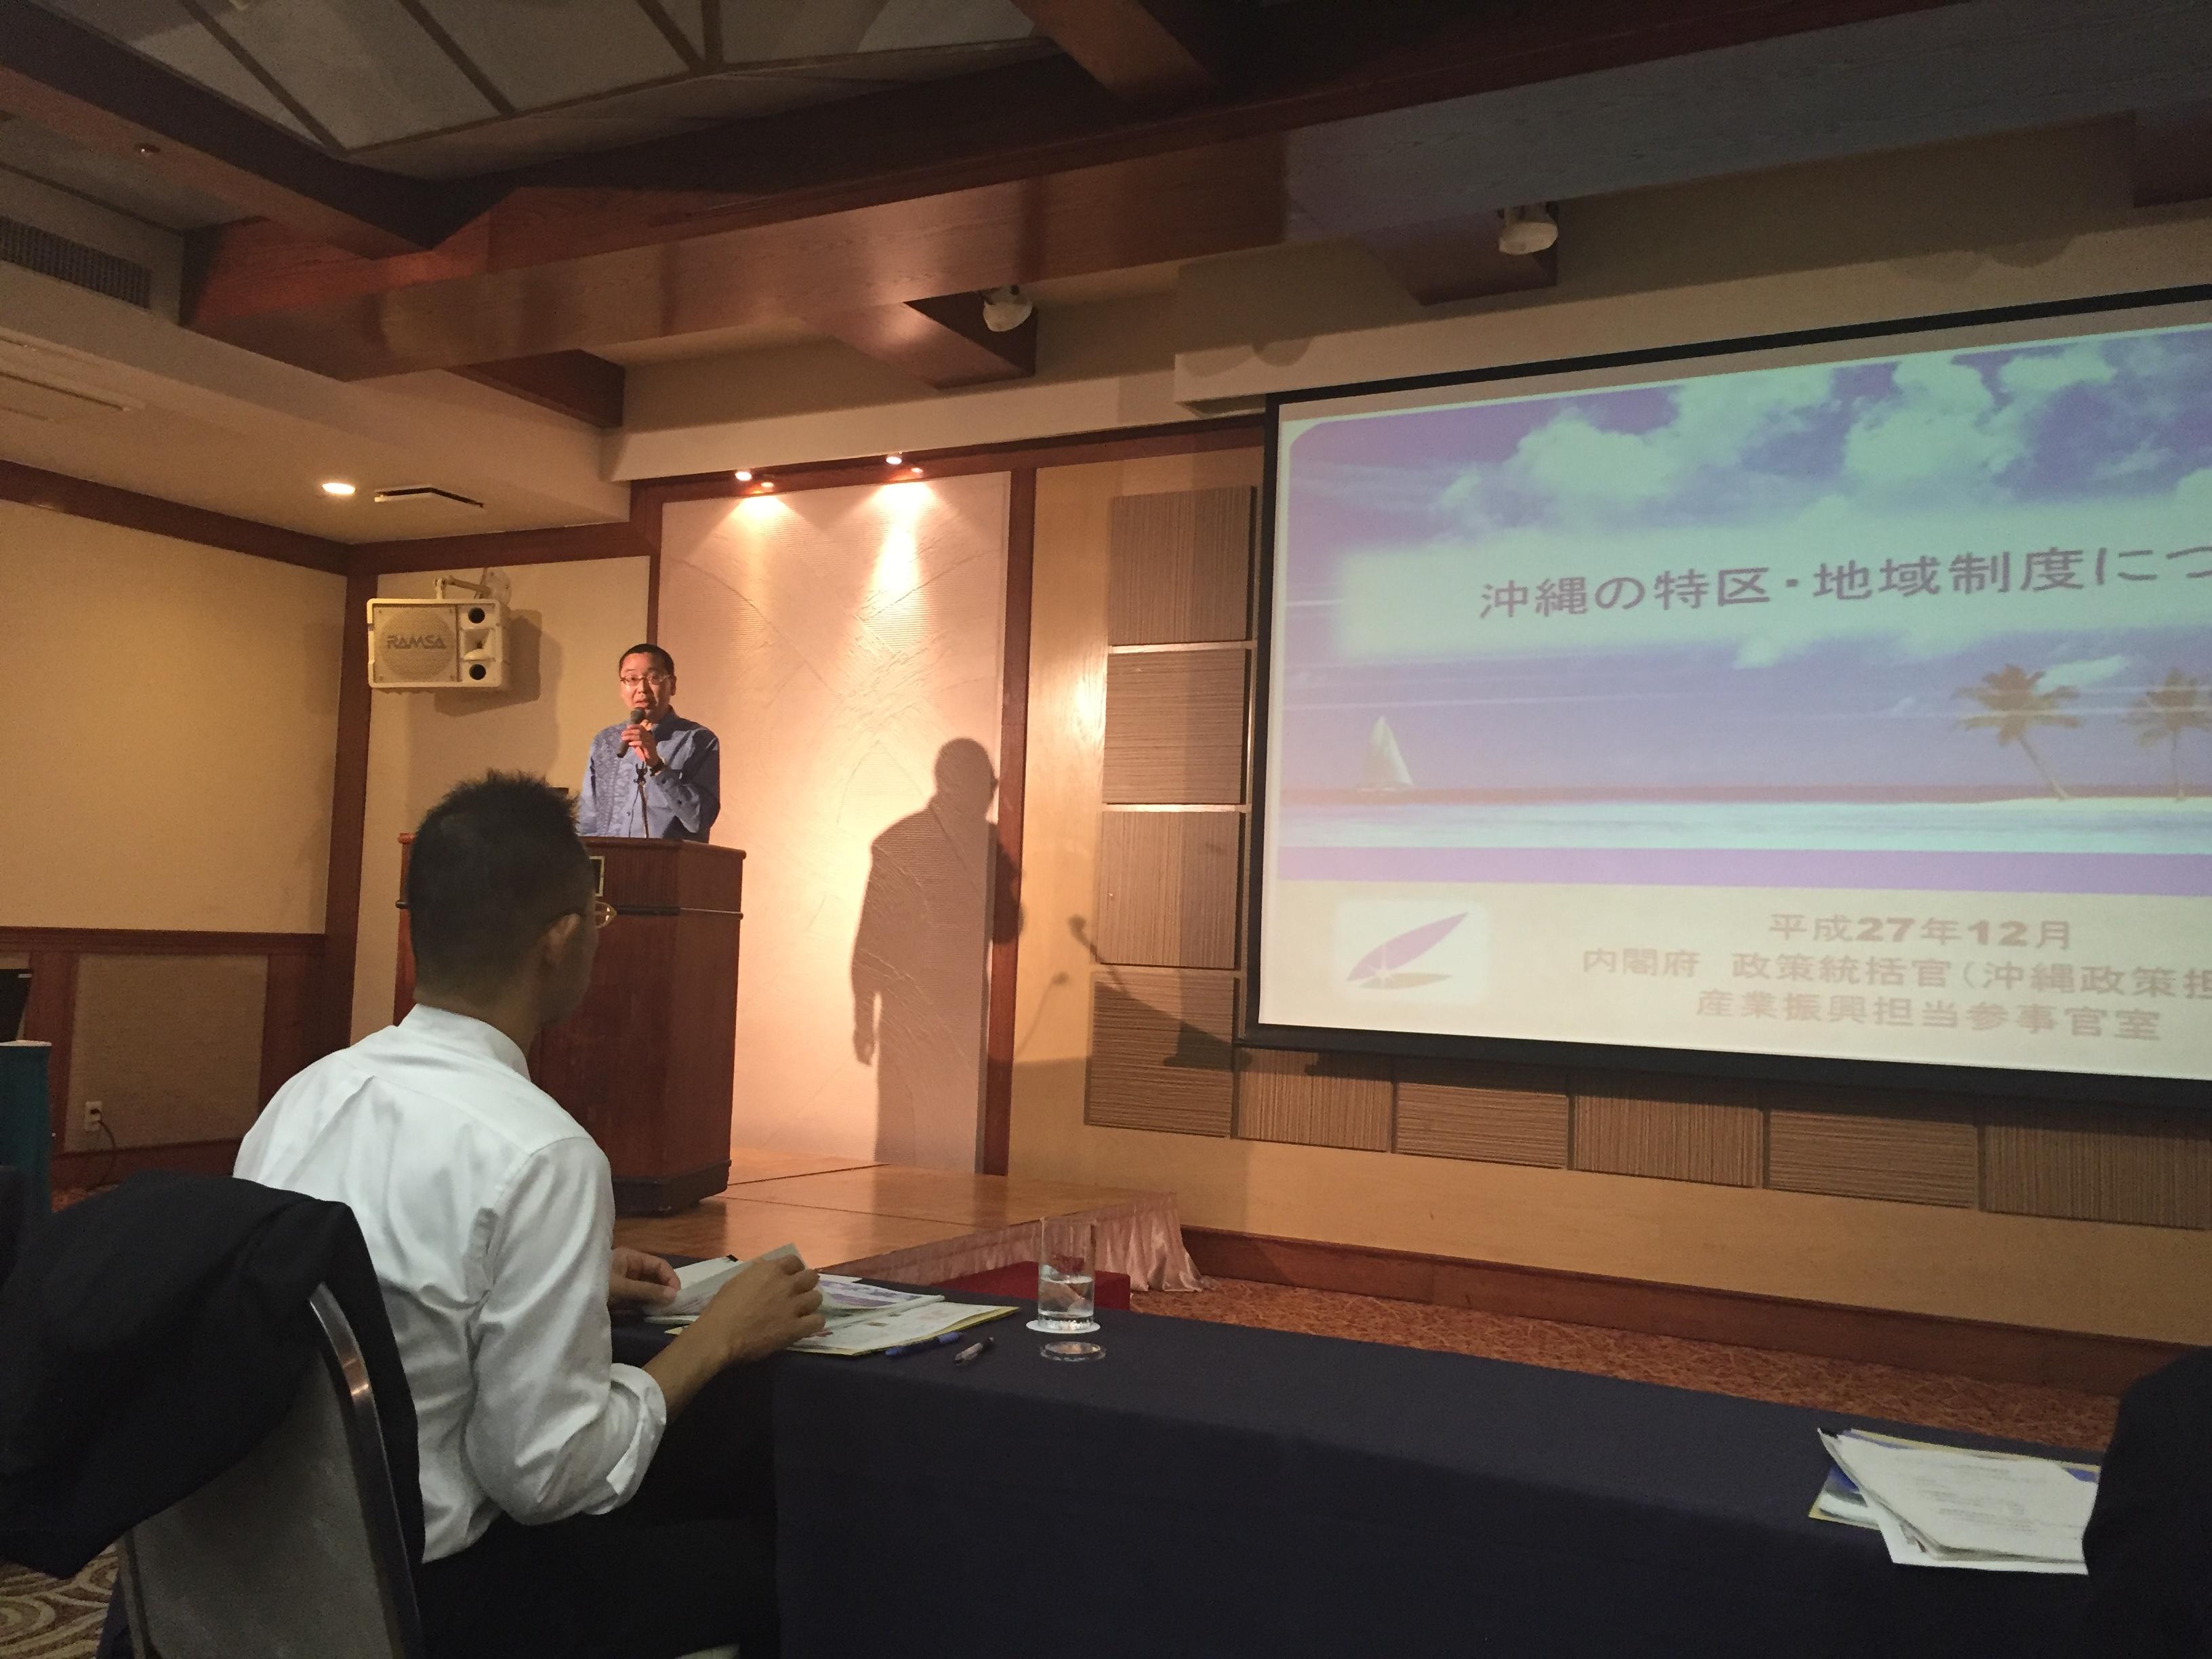 内閣府が開催した沖縄視察ツアー